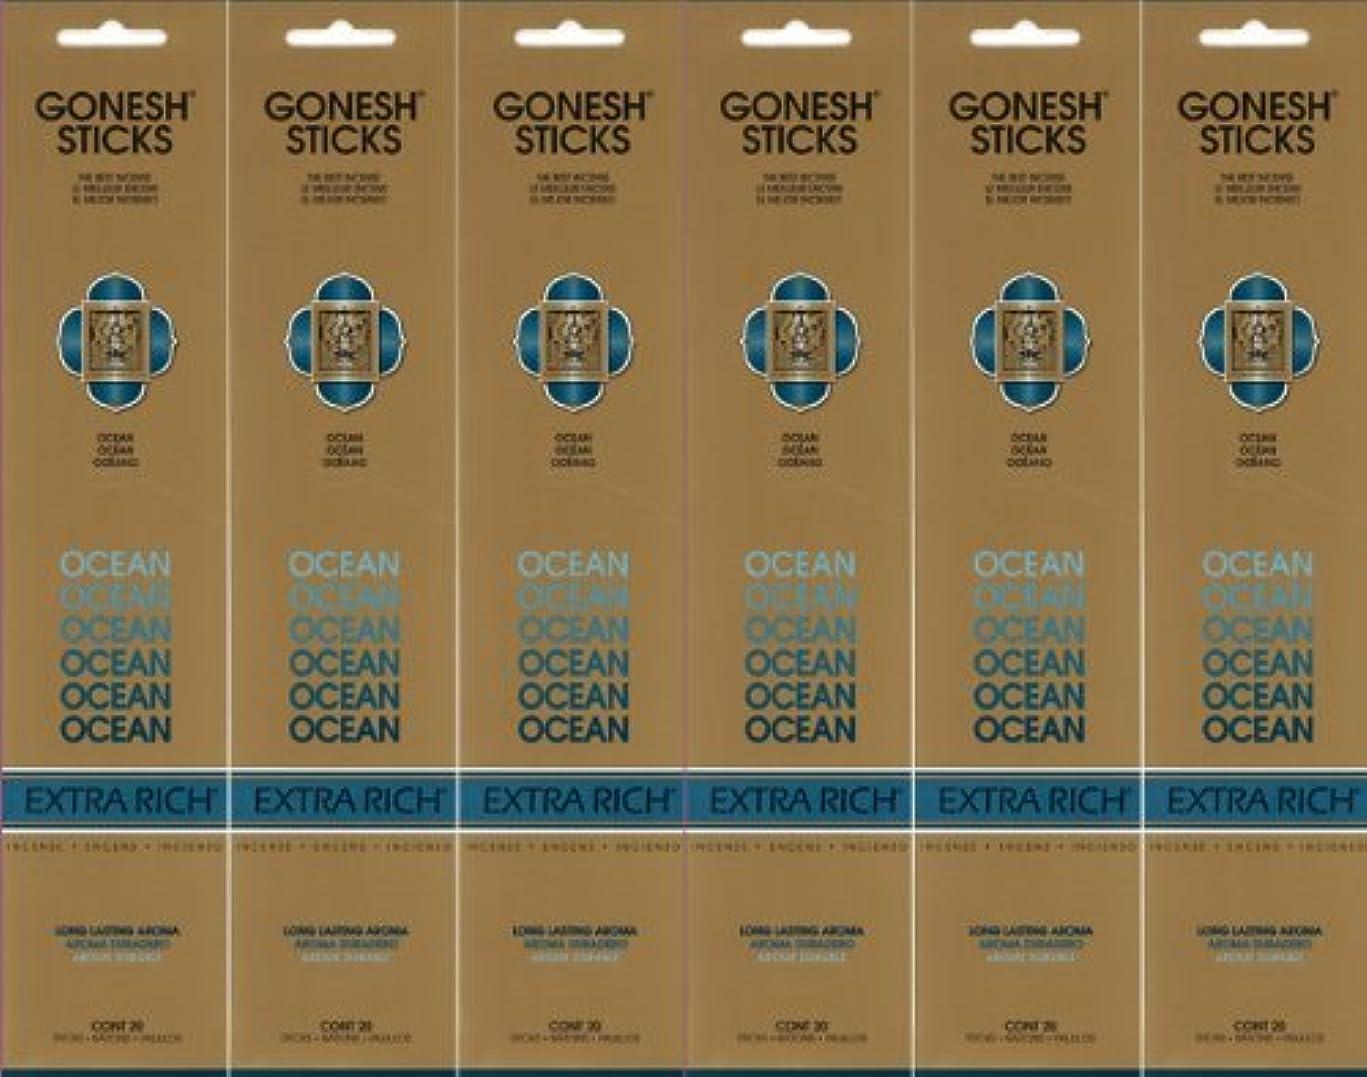 周り癌ジャンプGONESH ガーネッシュ OCEAN オーシャン スティック 20本入り X 6パック (120本)